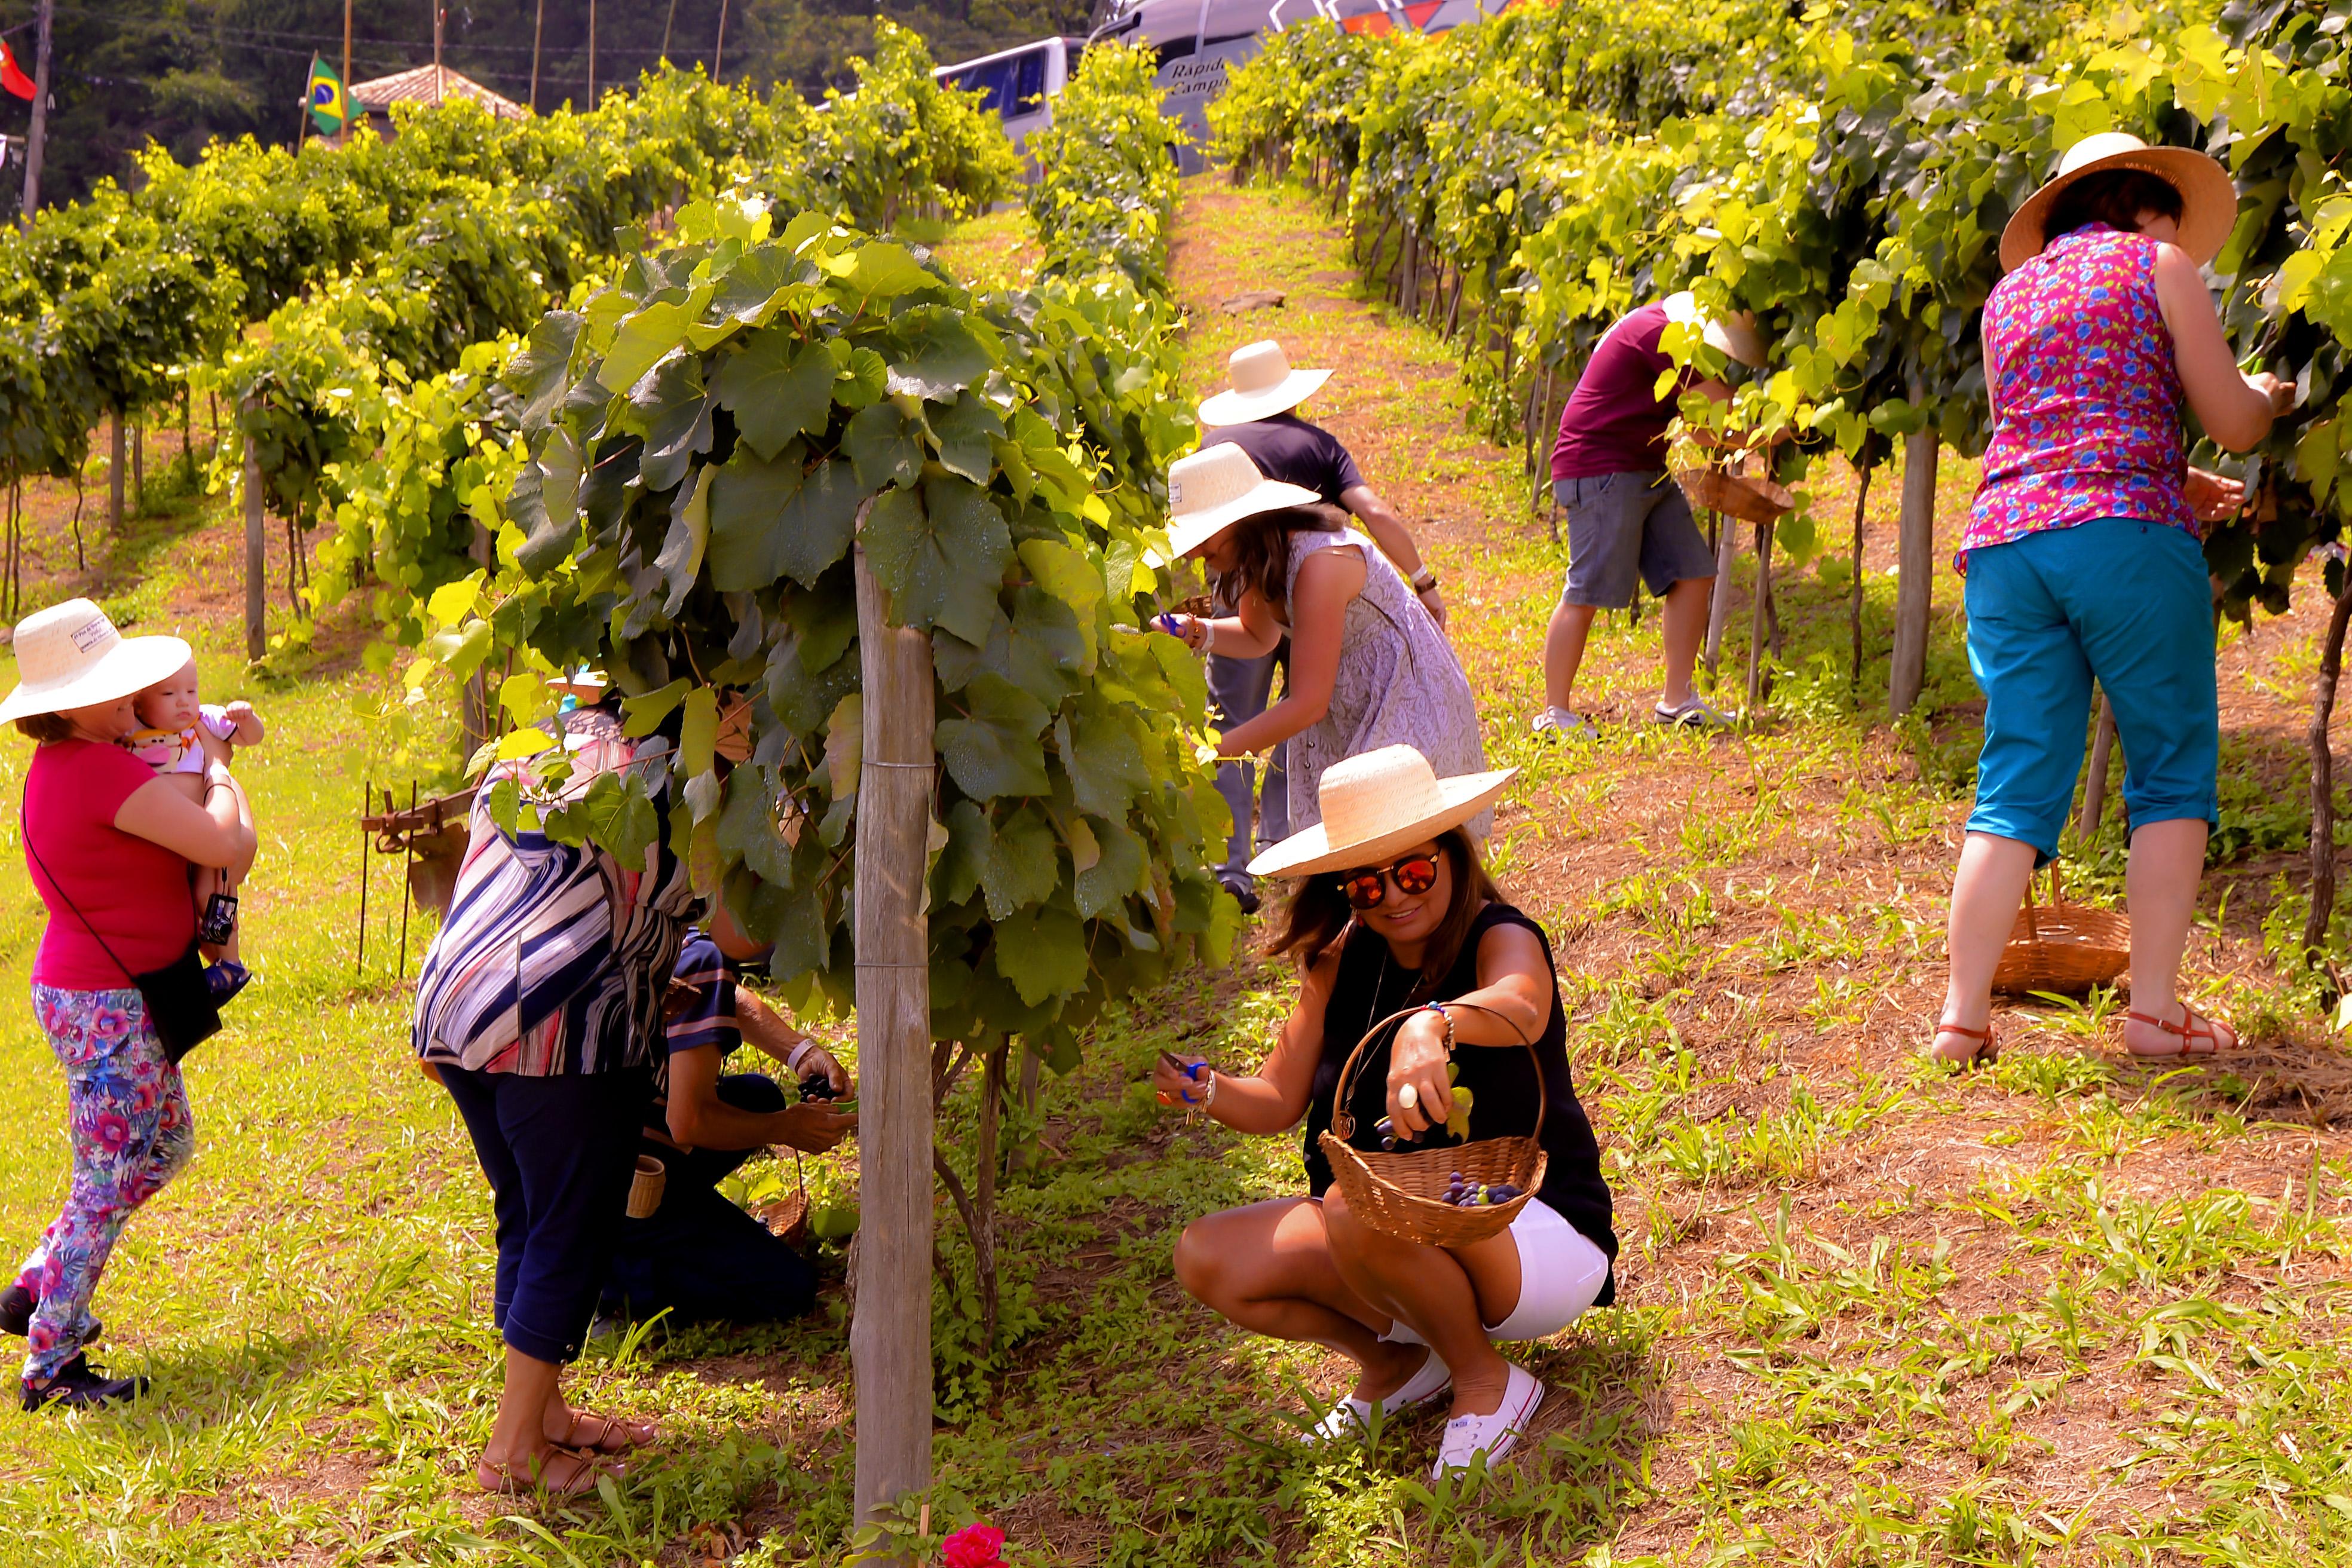 Colheita das uvas nos parreirais